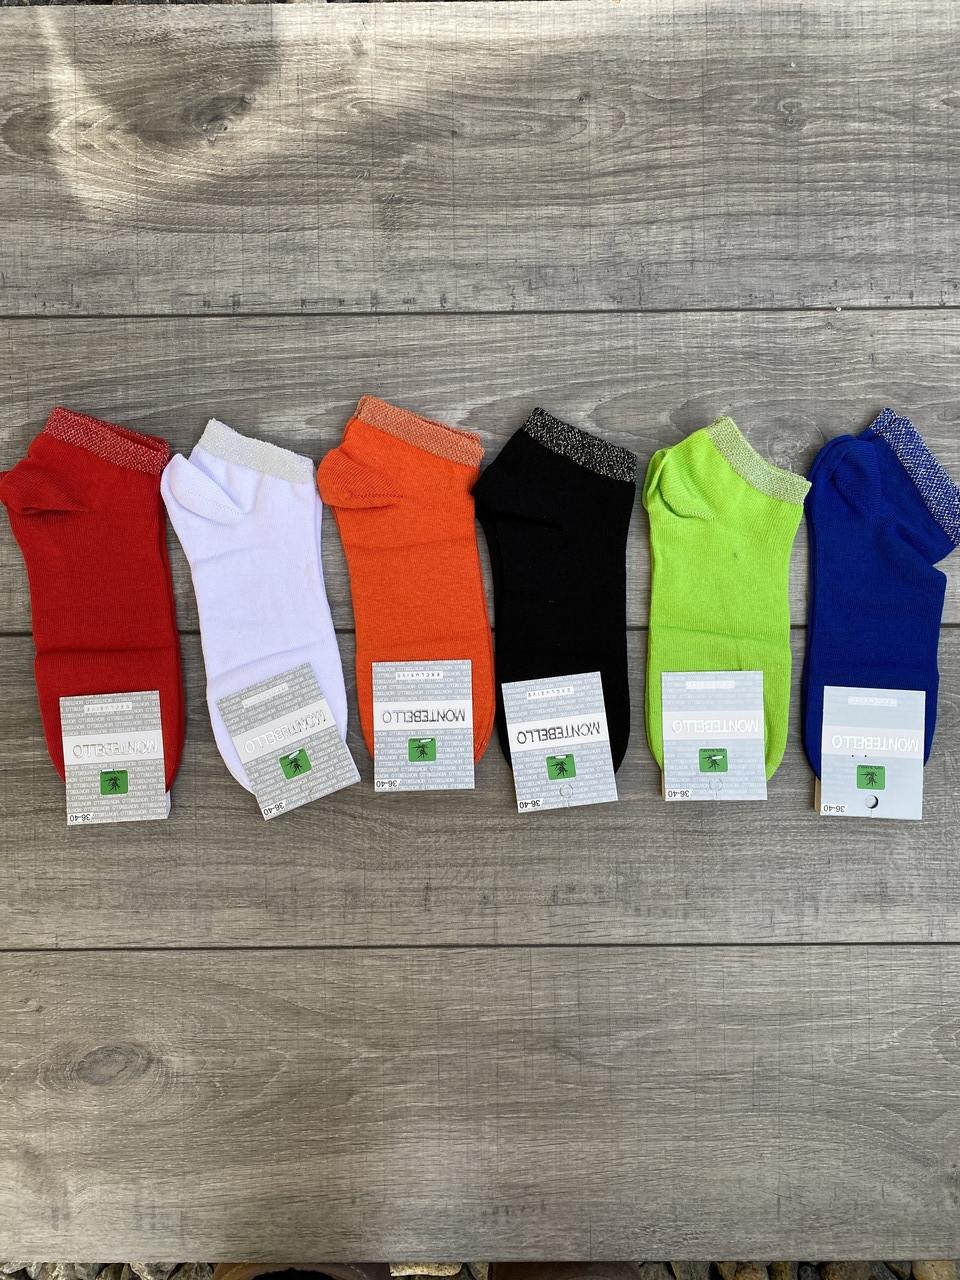 Жіночі шкарпетки патіки бавовна Montebello однотонні з люрексом 35-40 12 шт в уп мікс 6 кольорів